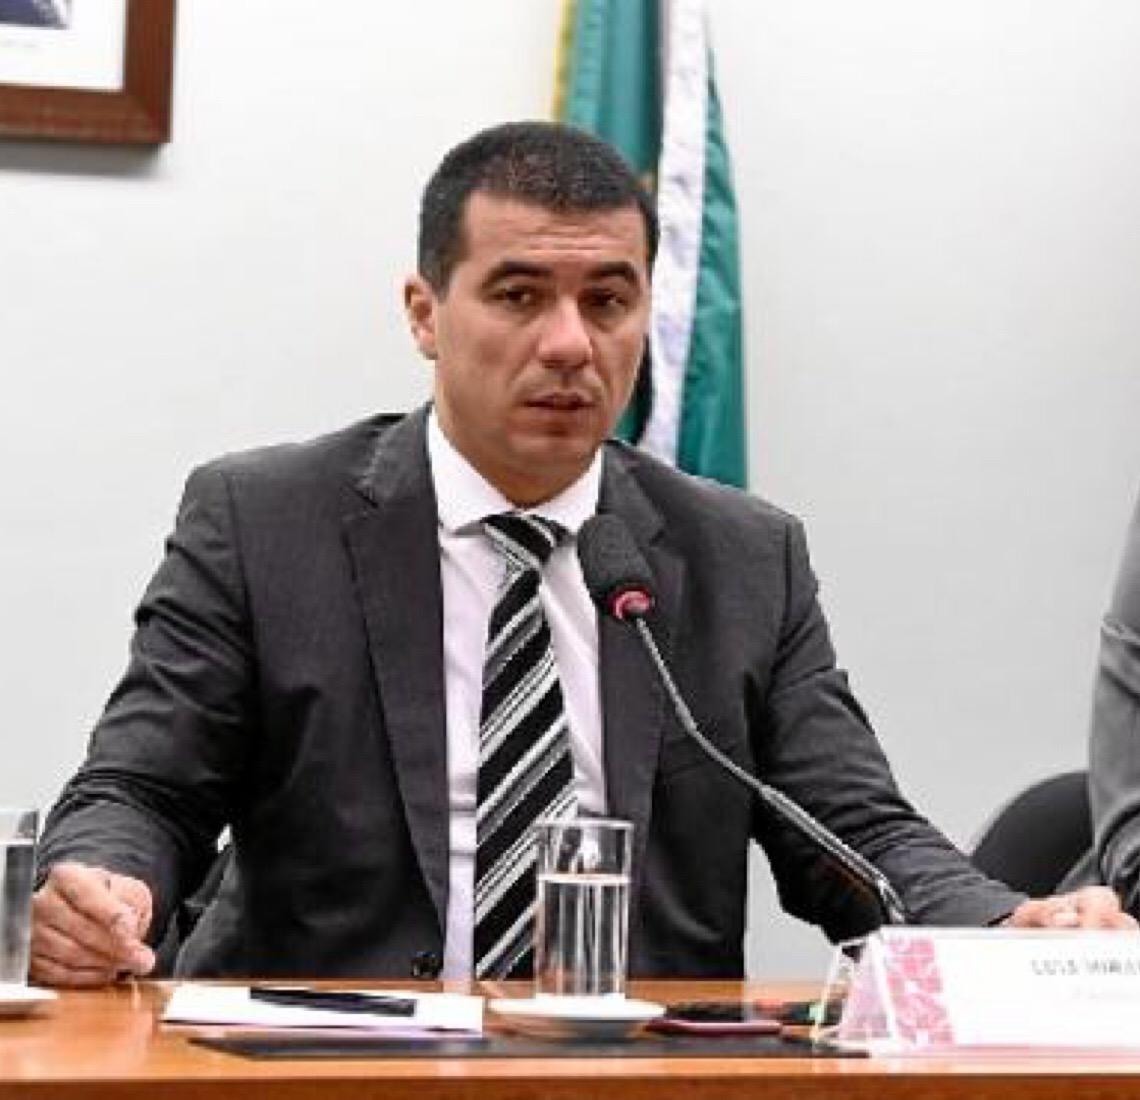 Rodrigo Maia. Luís Miranda deve explicações